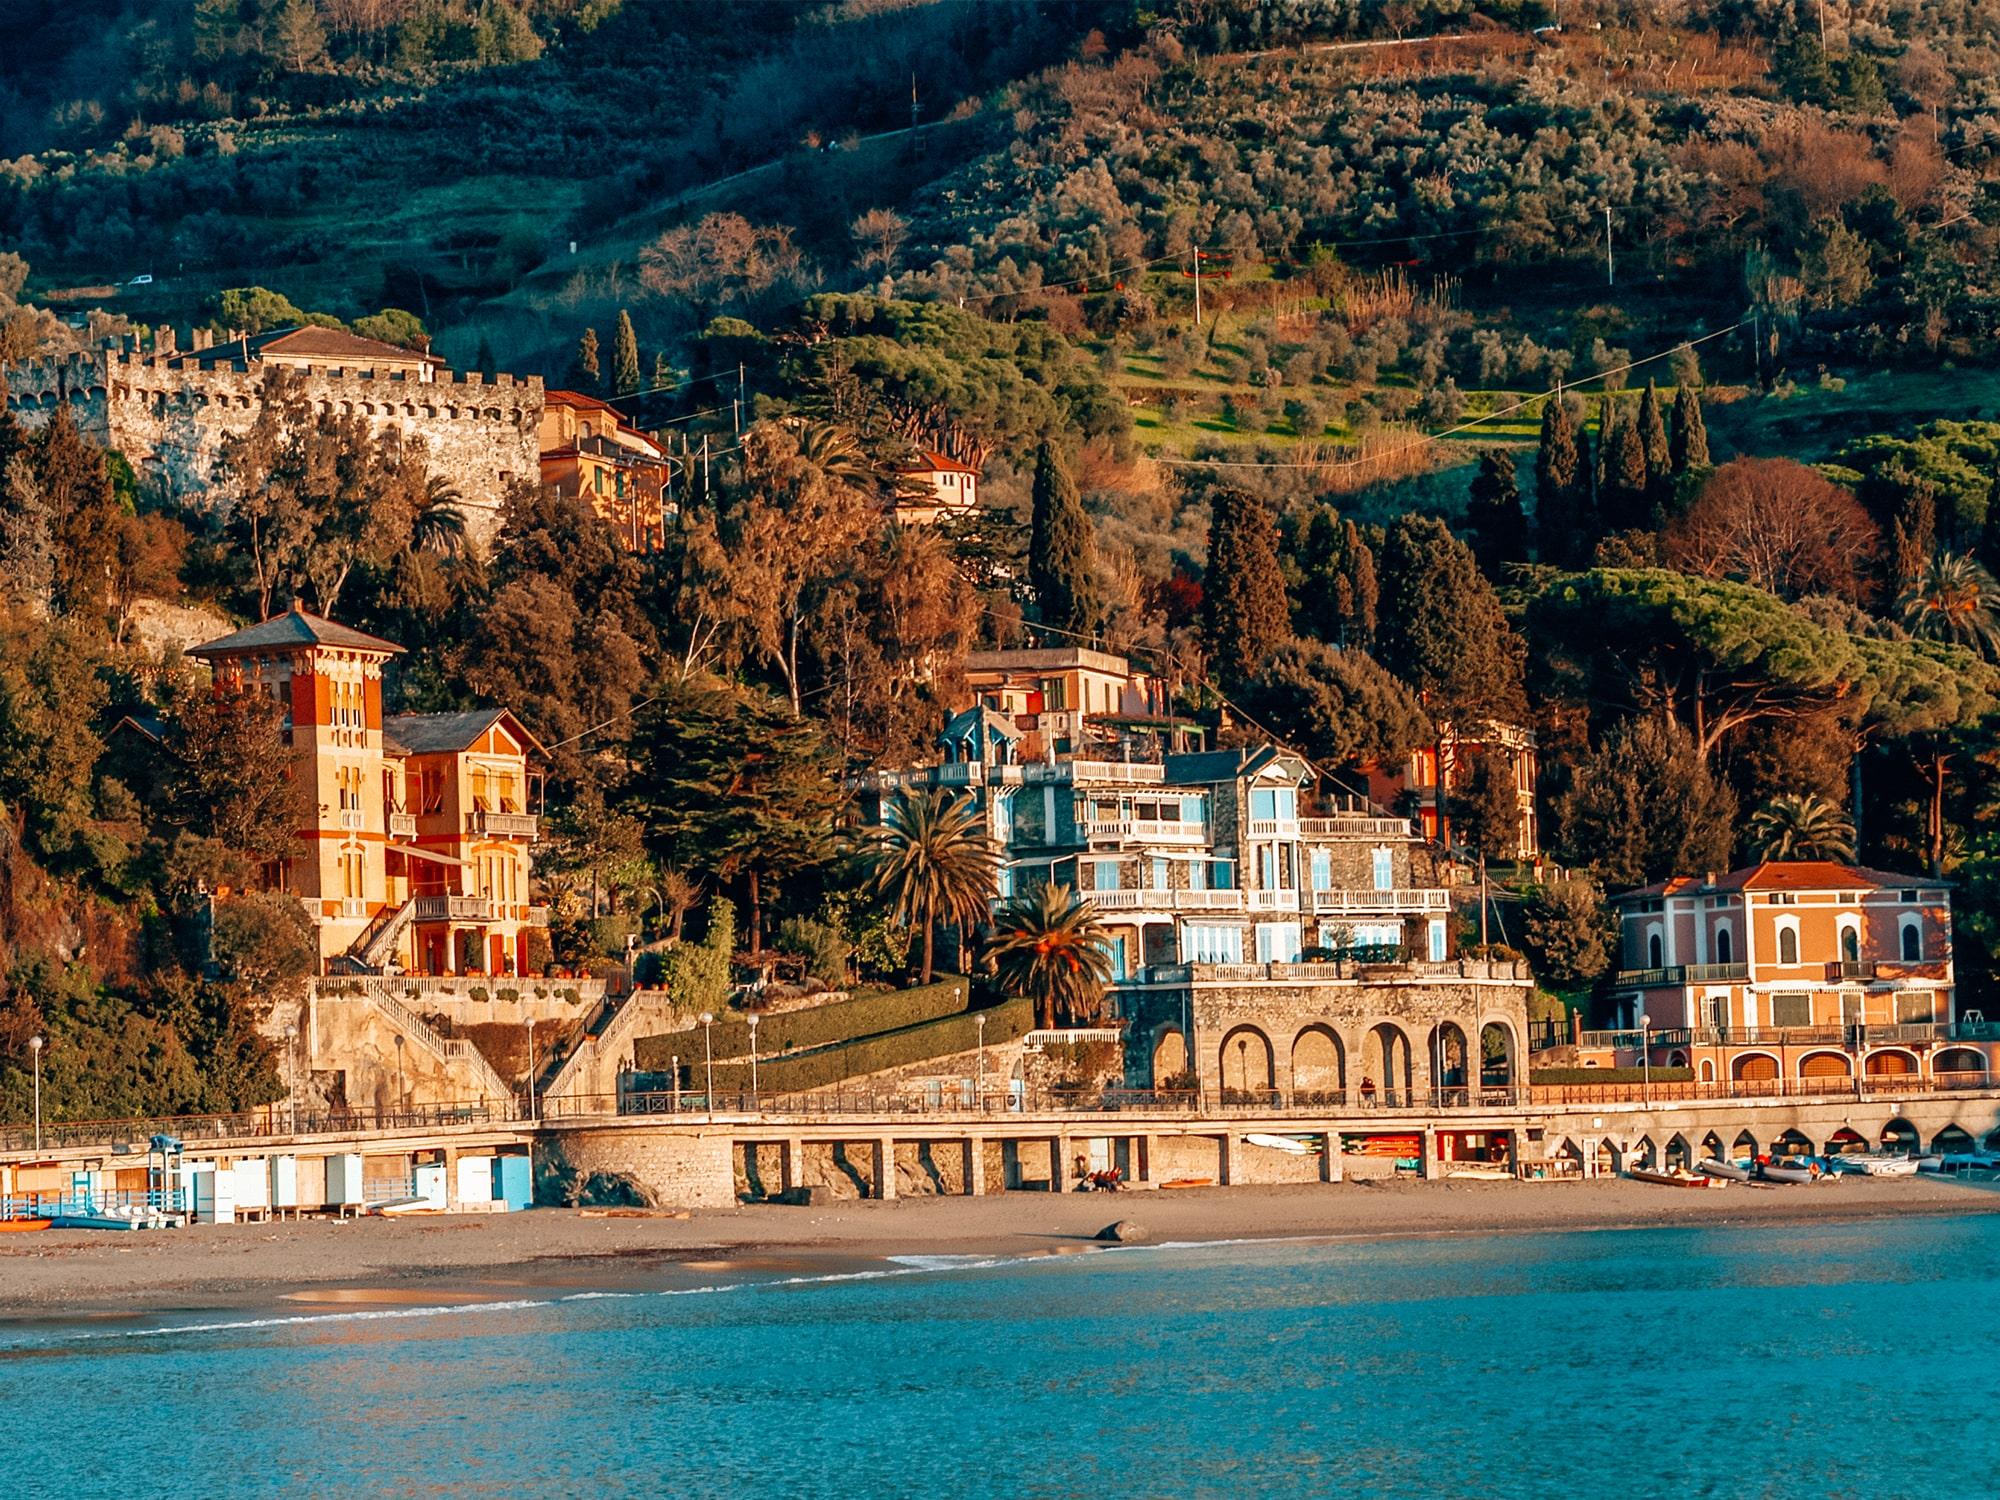 Hotel Levanto